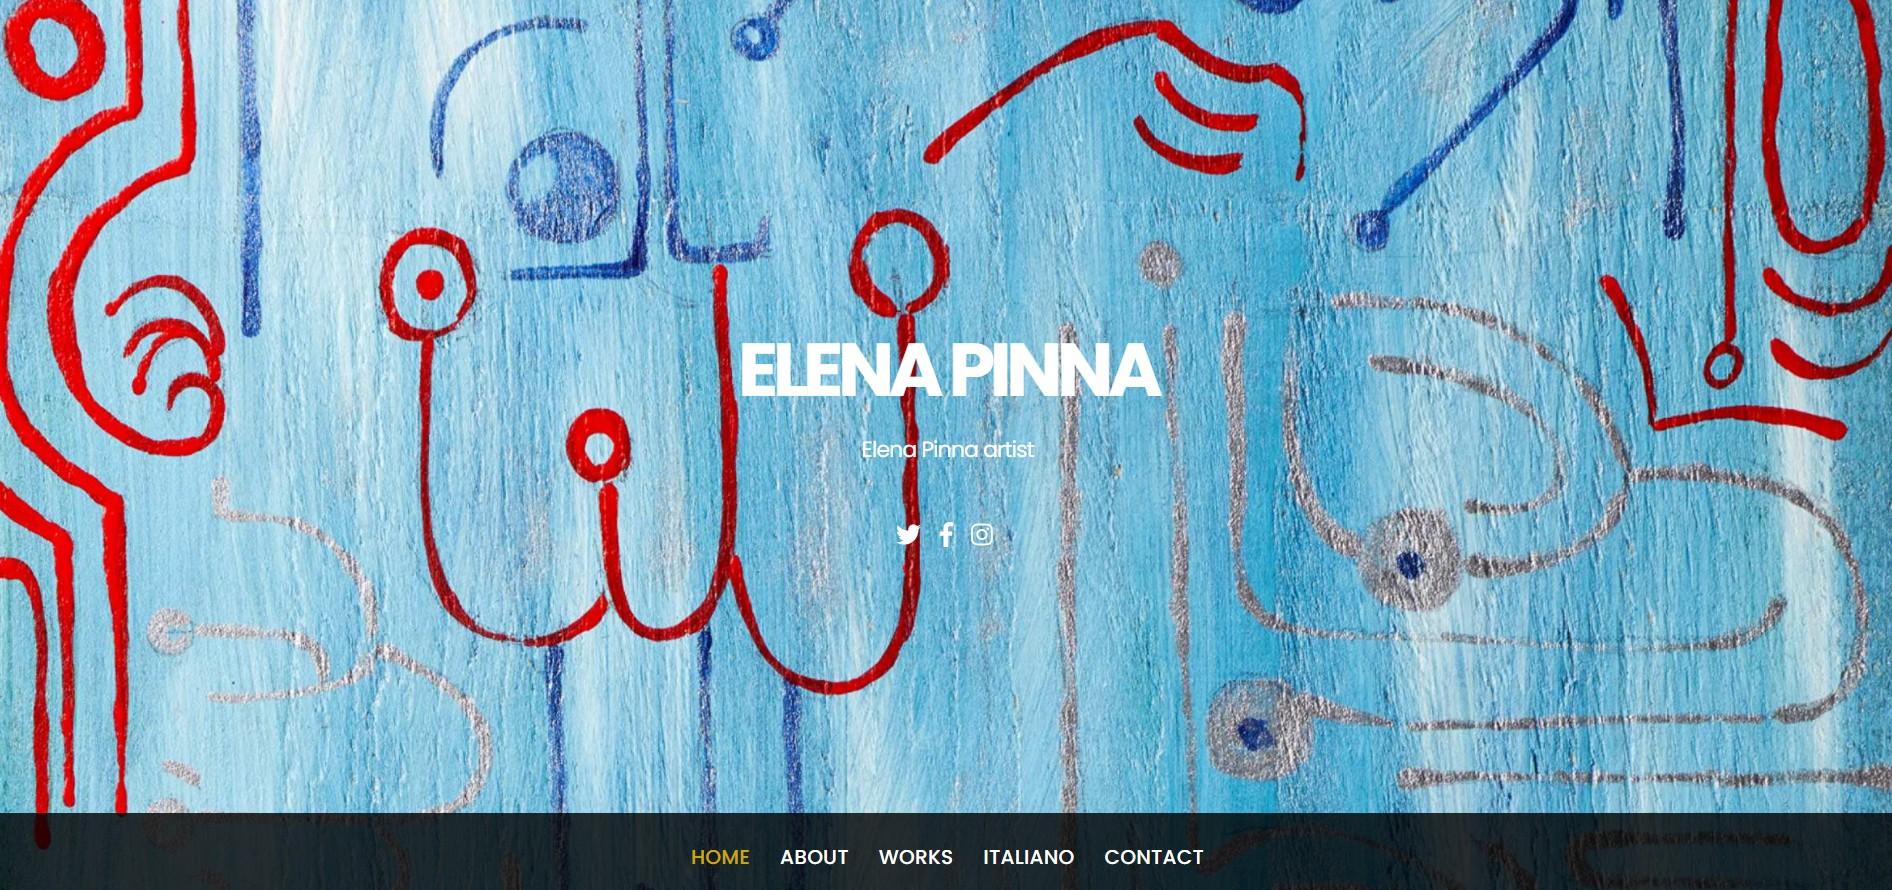 Sito dell'artista Elena Pinna realizzato con WordPress e Themify